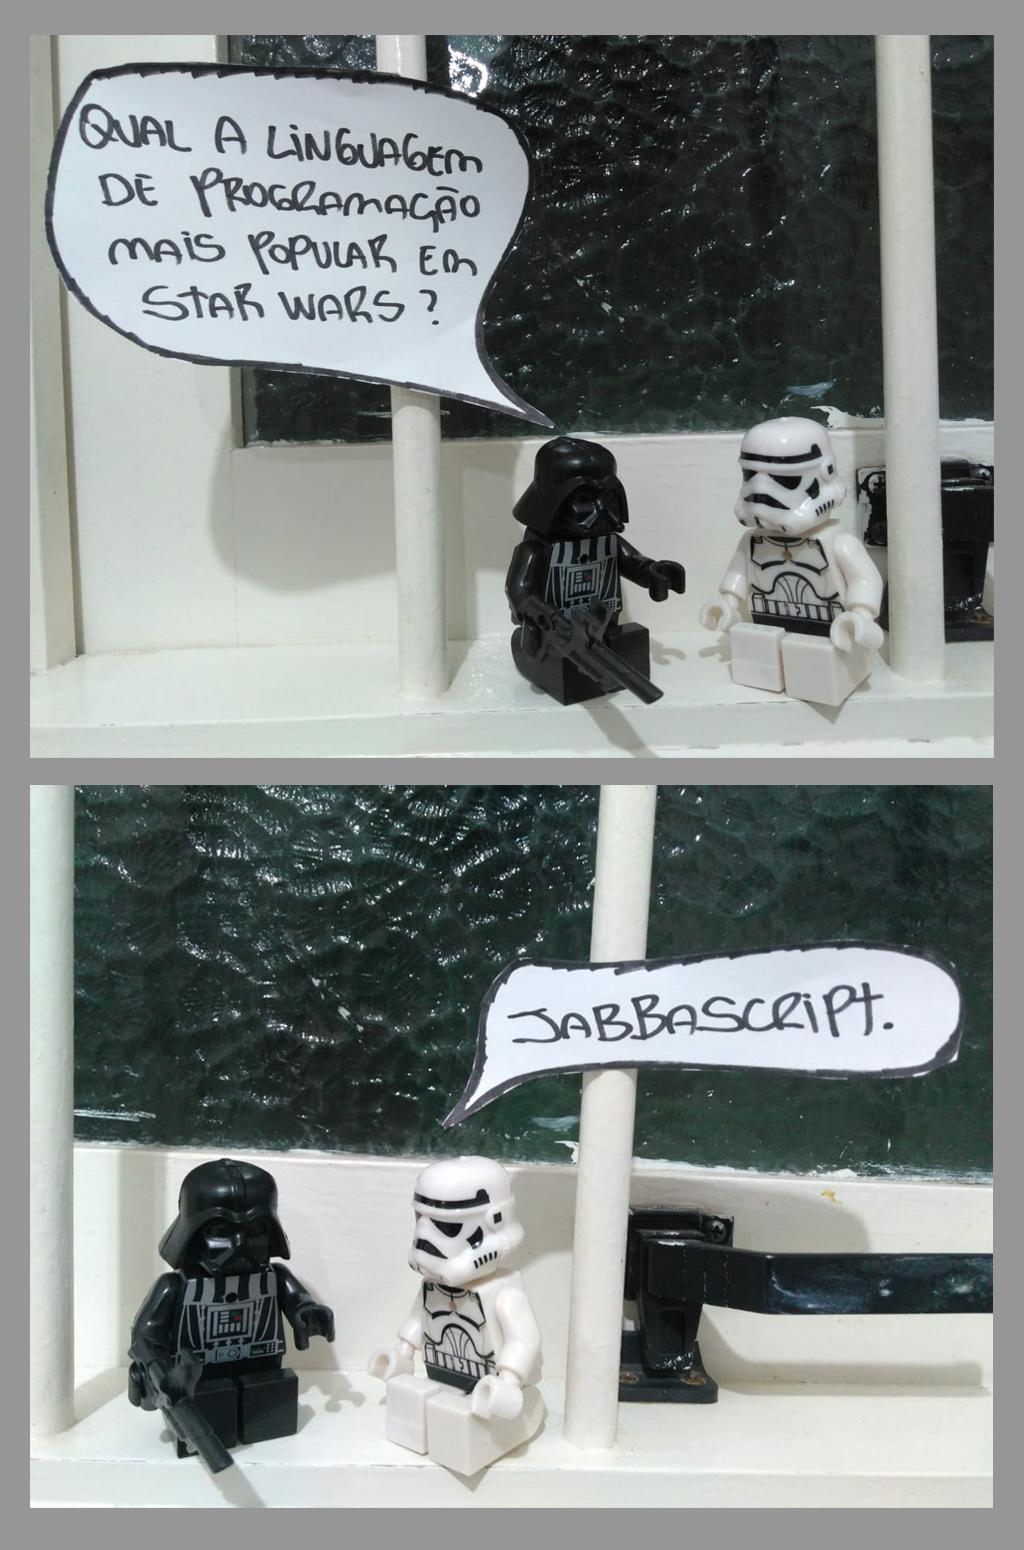 linguagem de programacao mais popular em star wars